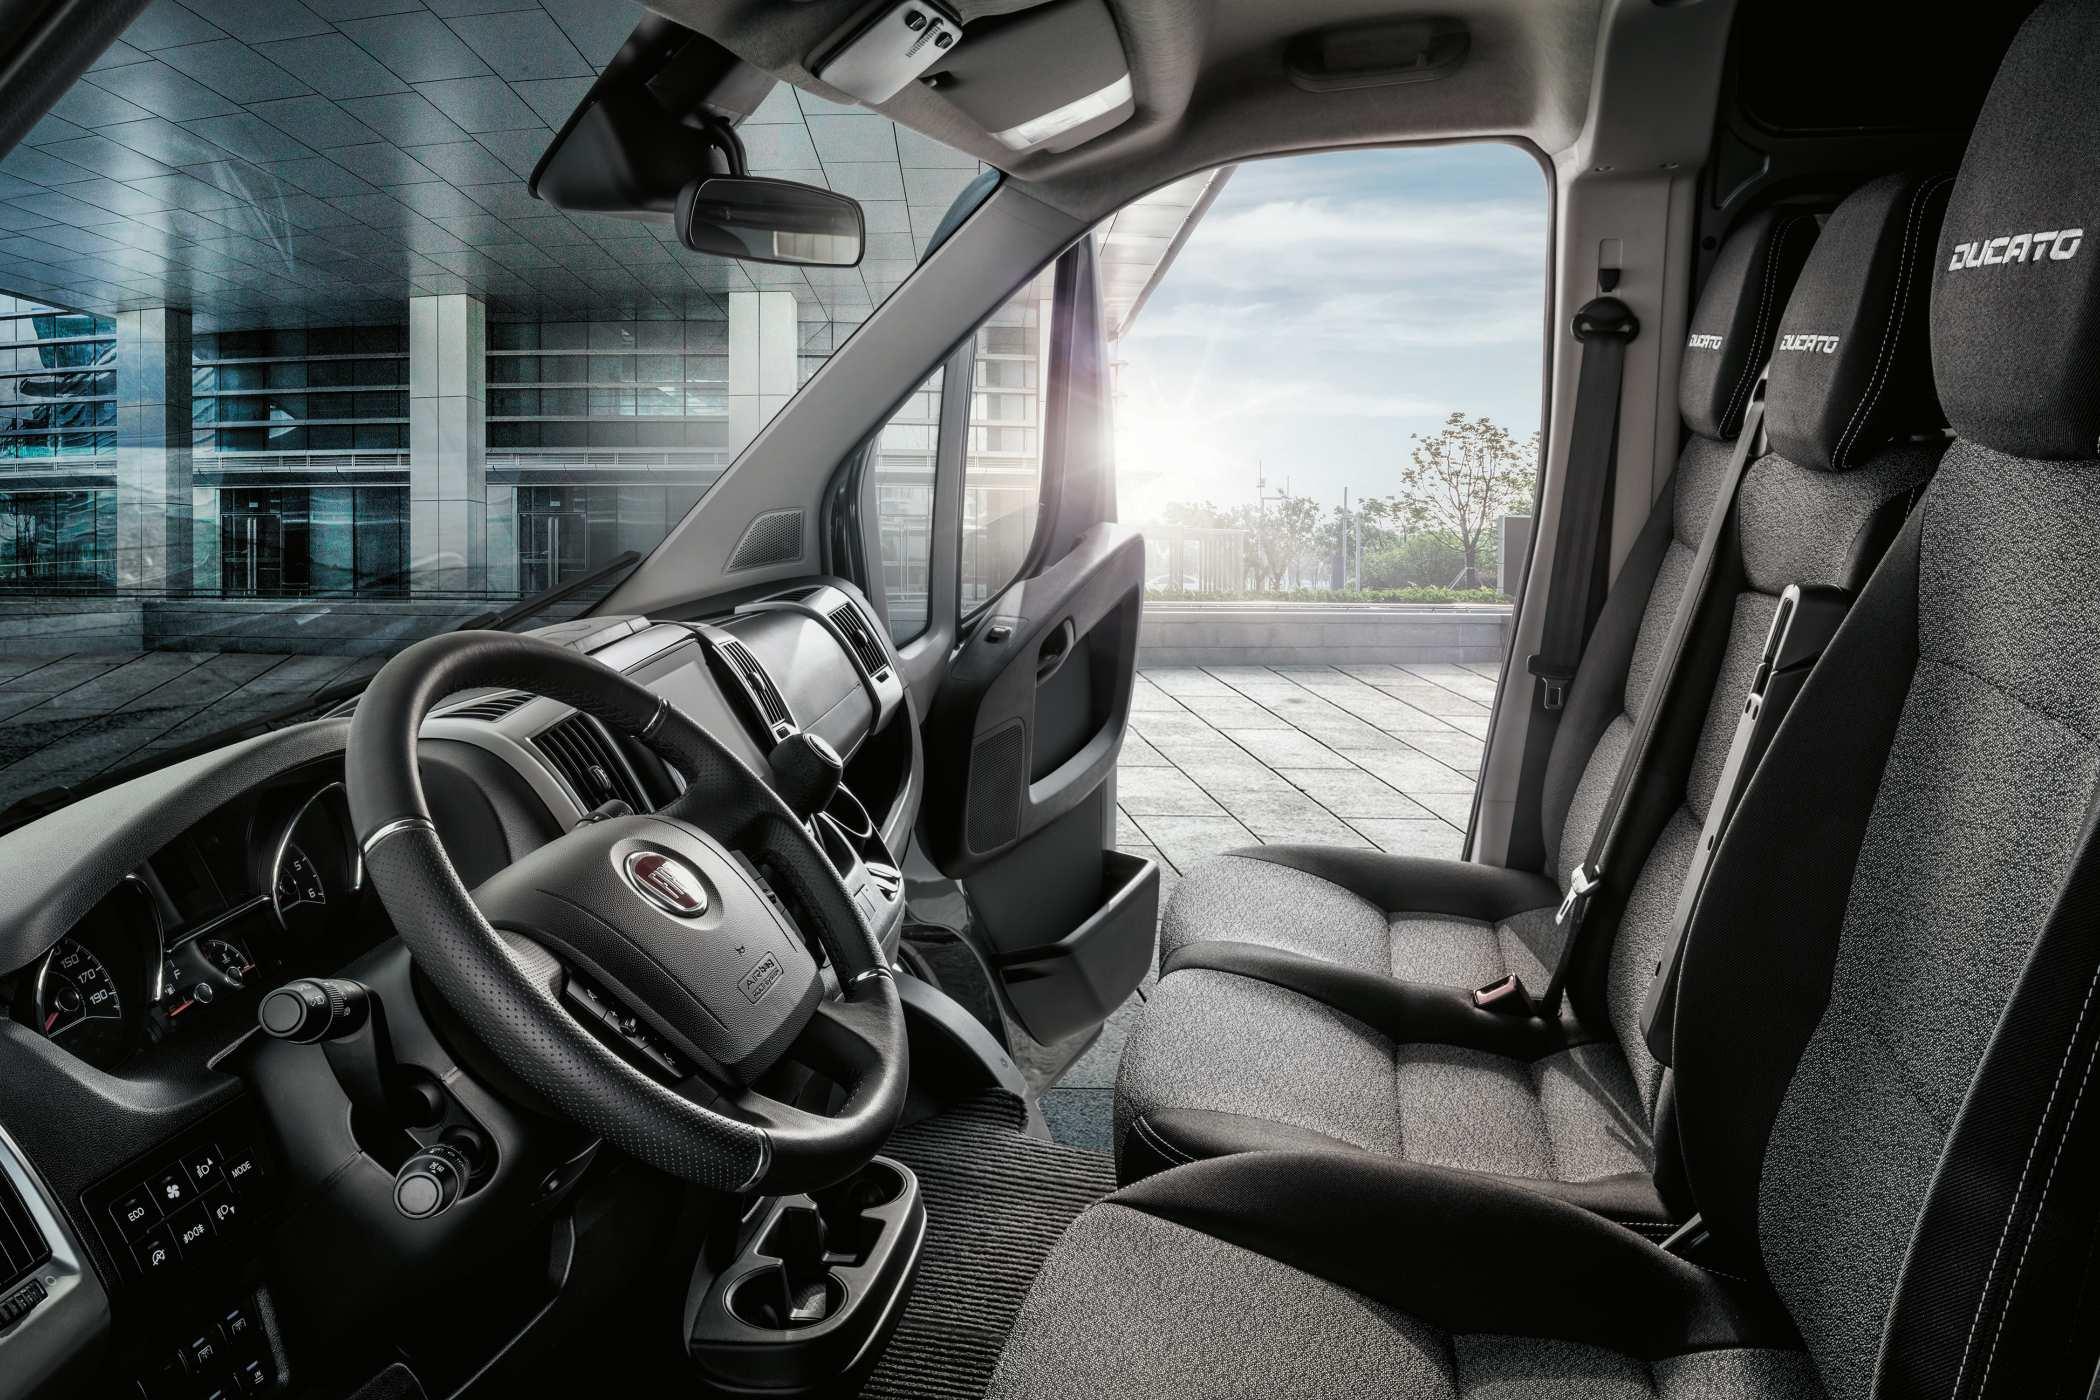 2020 Fiat Professional Ducato seats 2